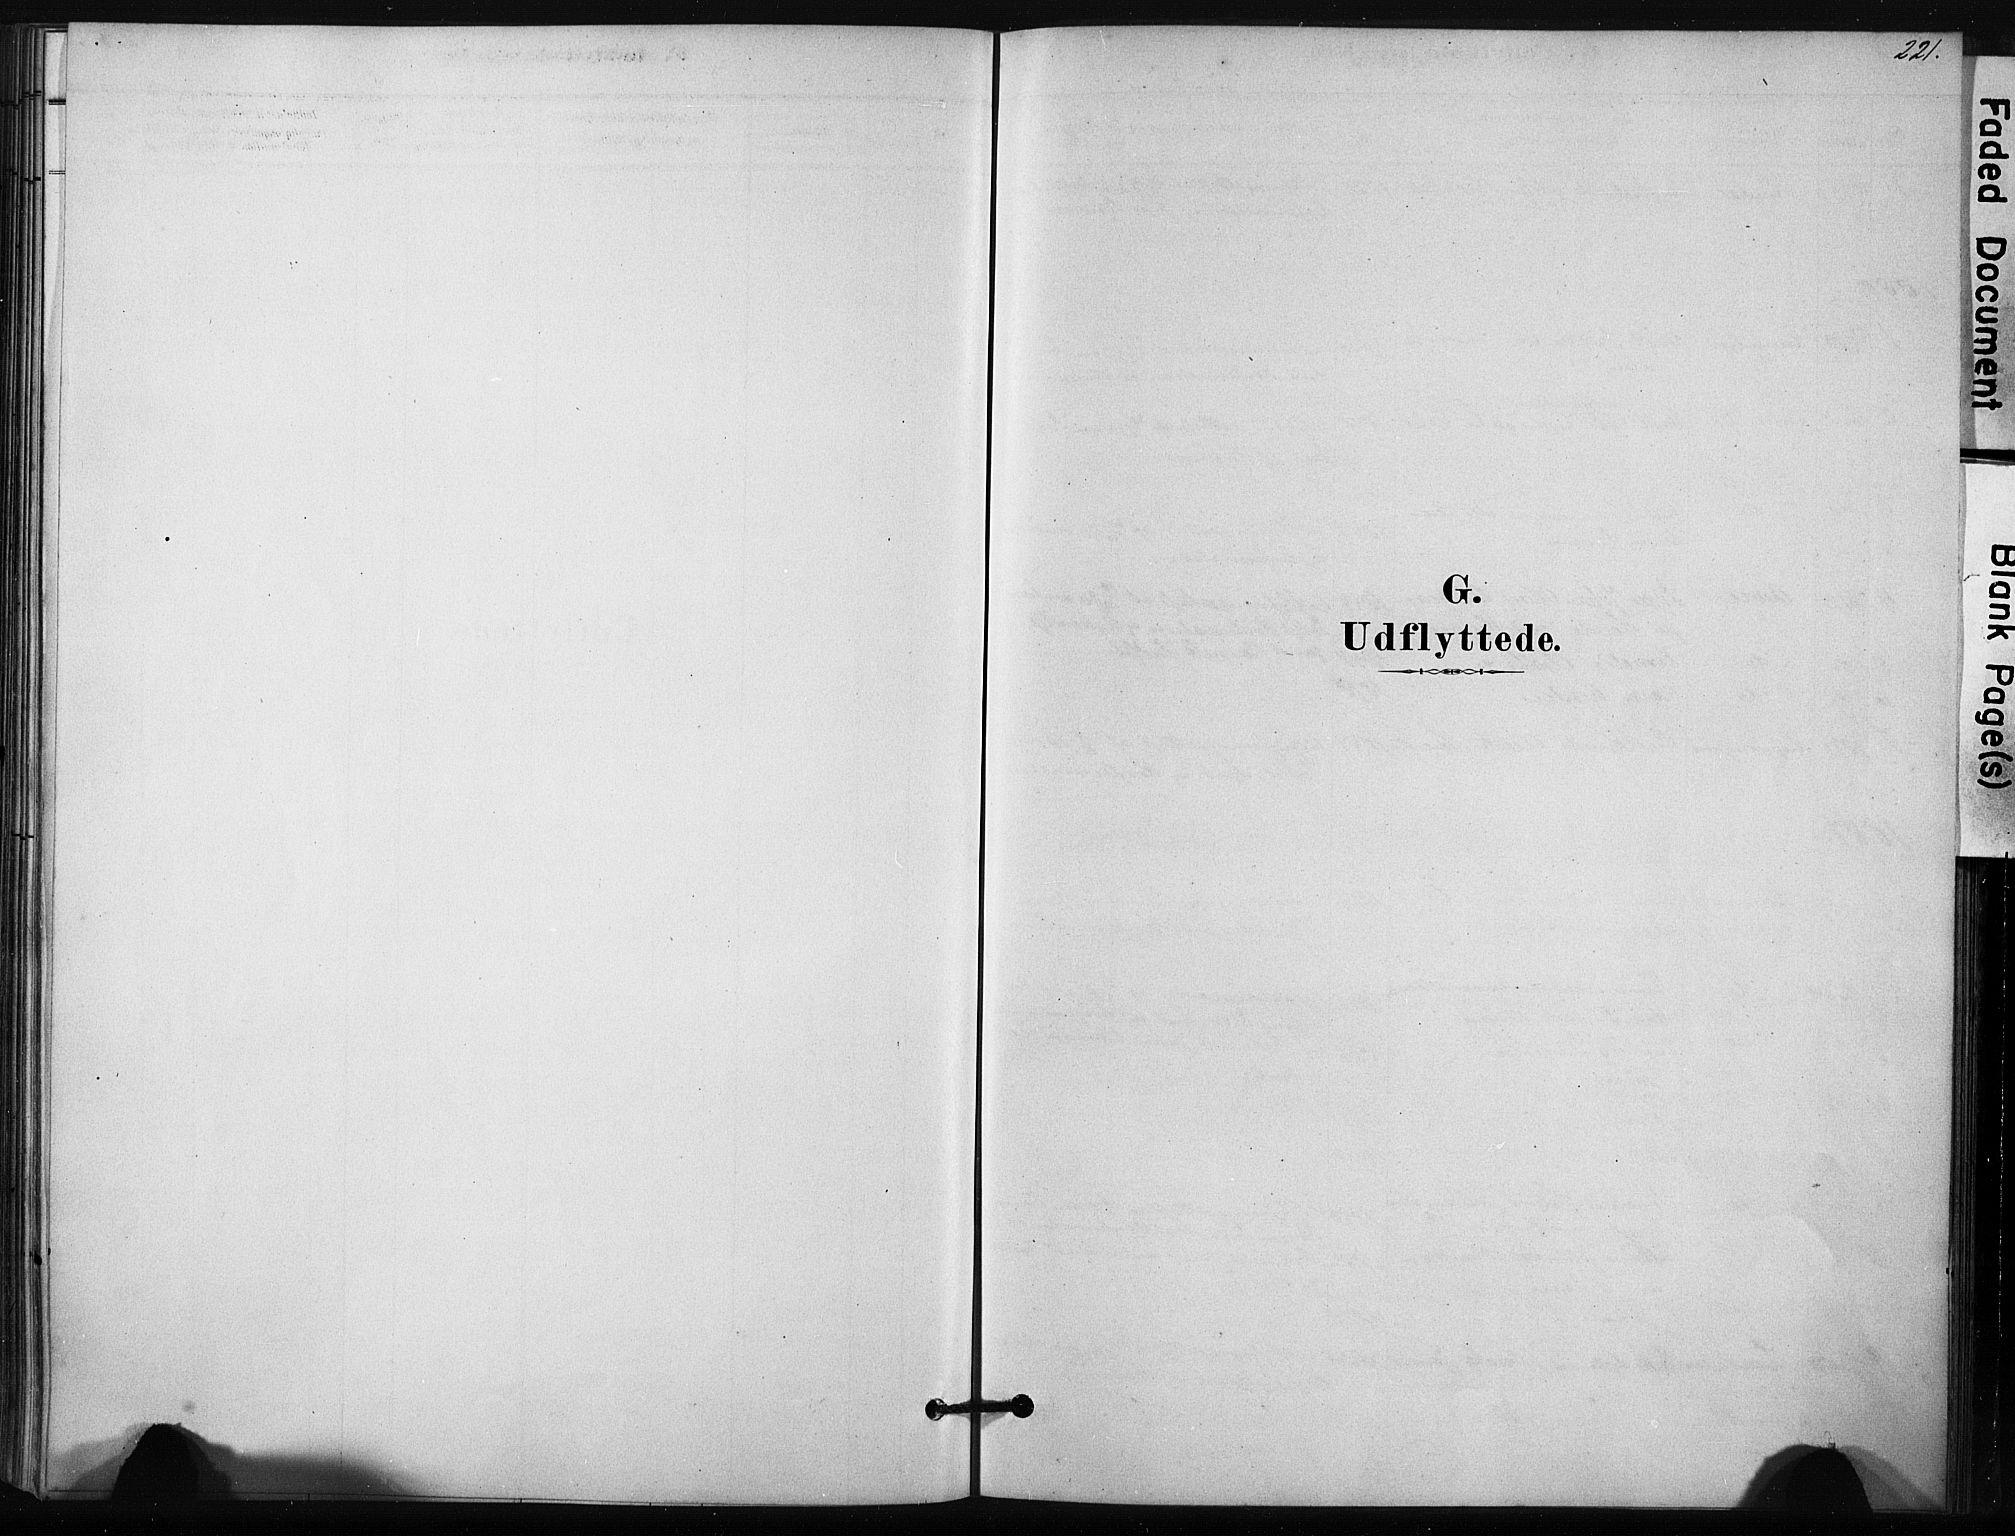 SAT, Ministerialprotokoller, klokkerbøker og fødselsregistre - Sør-Trøndelag, 631/L0512: Ministerialbok nr. 631A01, 1879-1912, s. 221